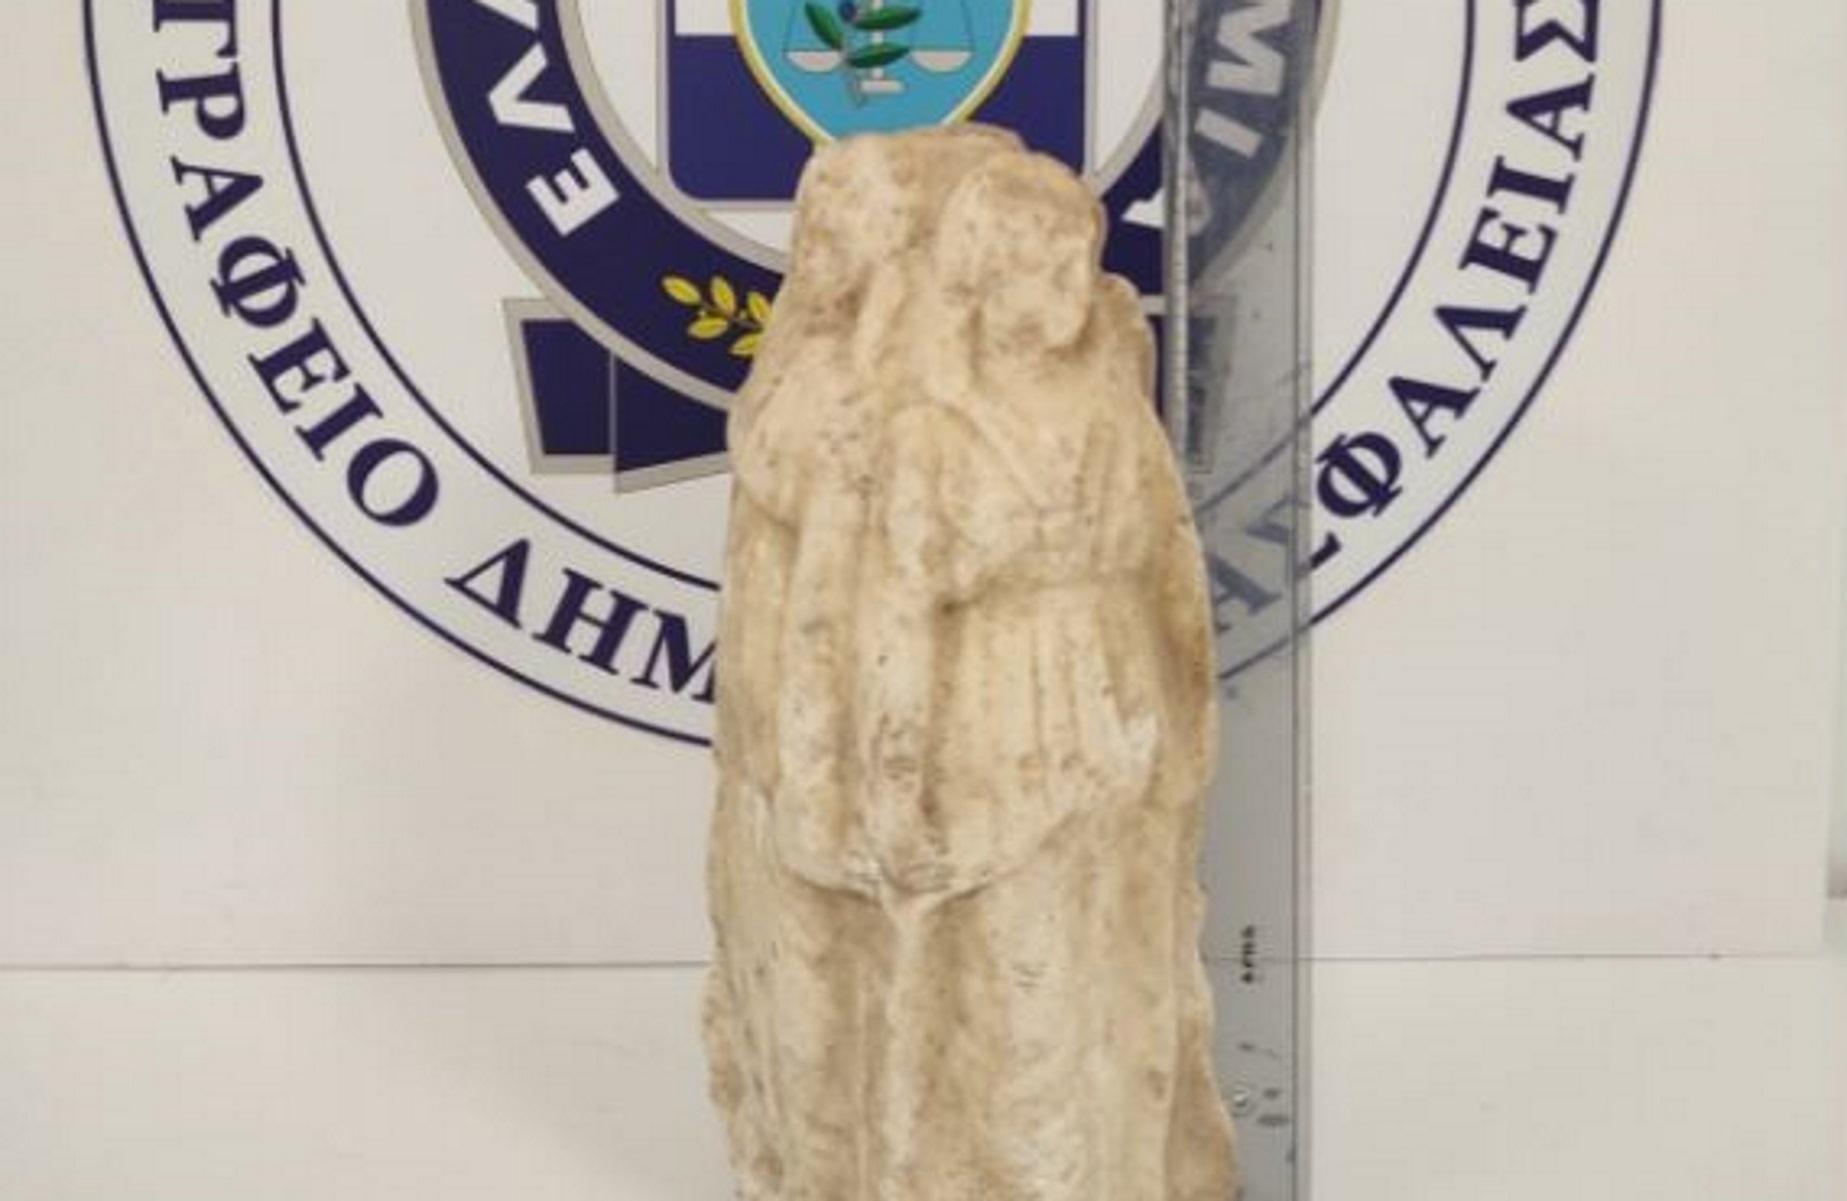 Κιλκίς: Προσπάθησαν να πουλήσουν αρχαίο αγαλματίδιο για 40.000 ευρώ